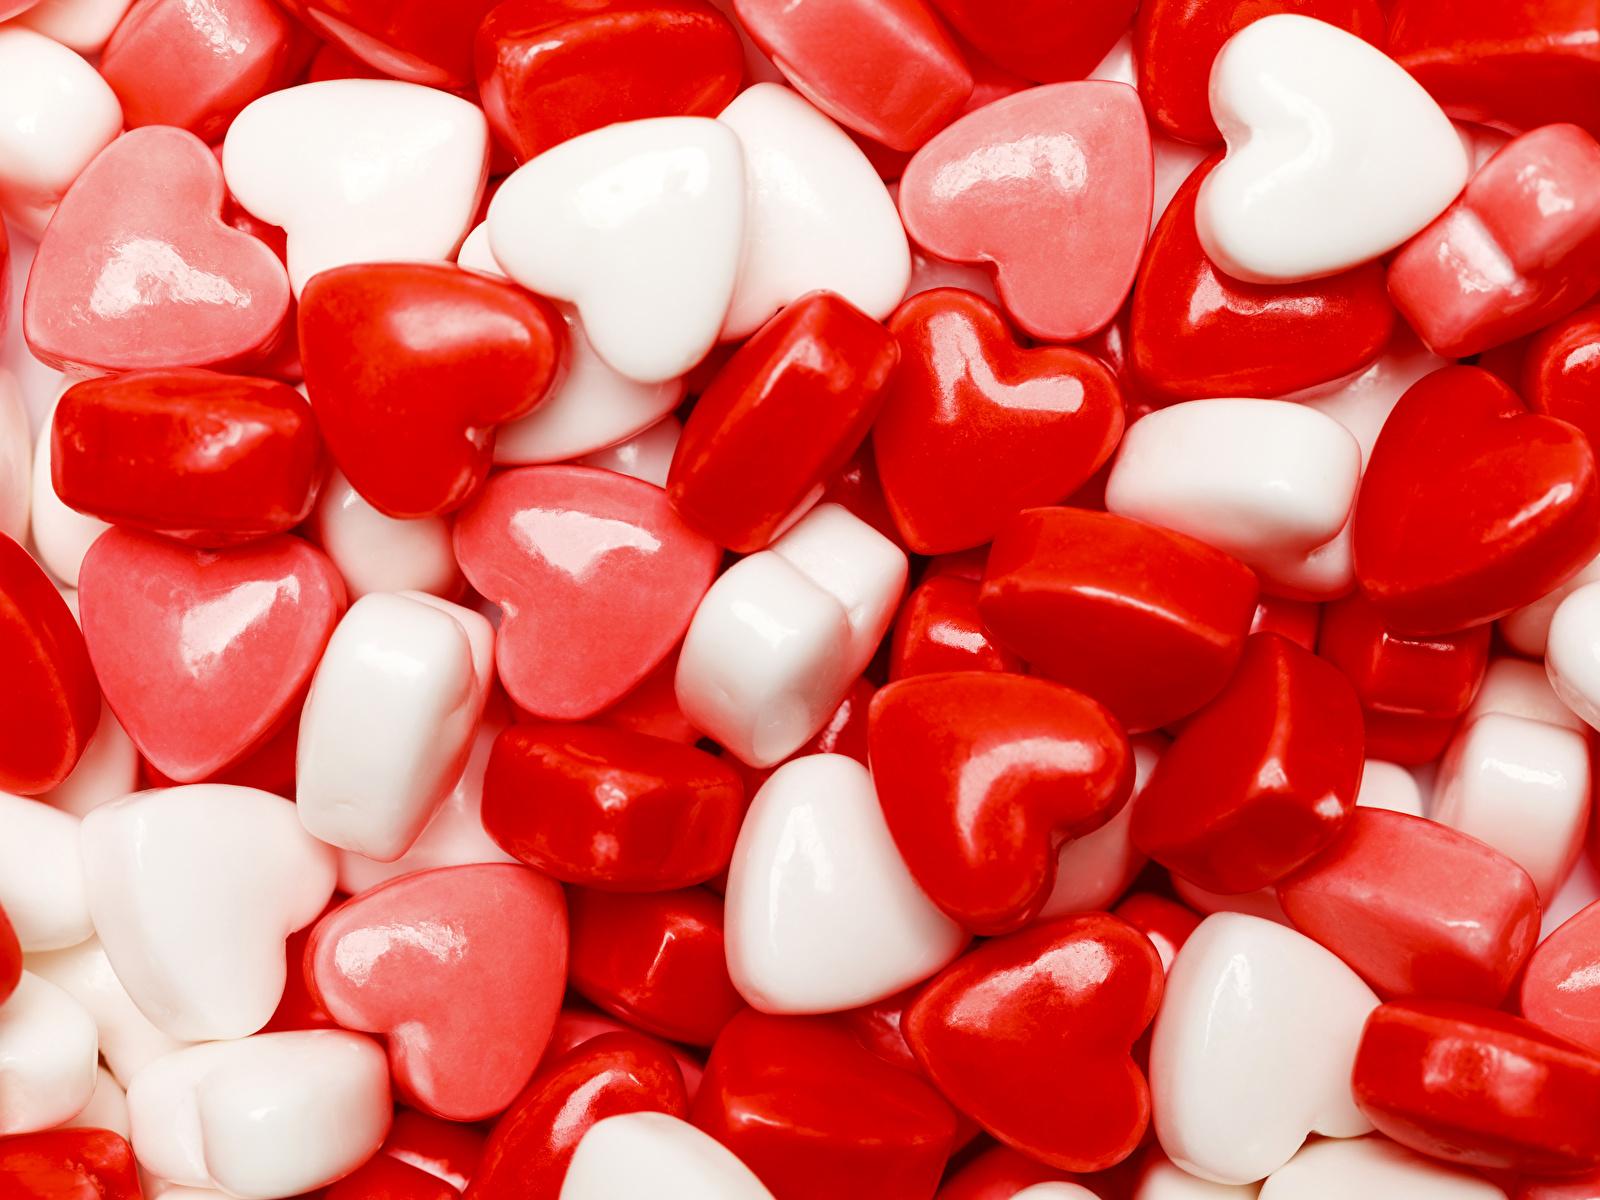 Картинка День святого Валентина сердца Леденцы Пища Сладости 1600x1200 День всех влюблённых серце Сердце сердечко Еда Продукты питания сладкая еда